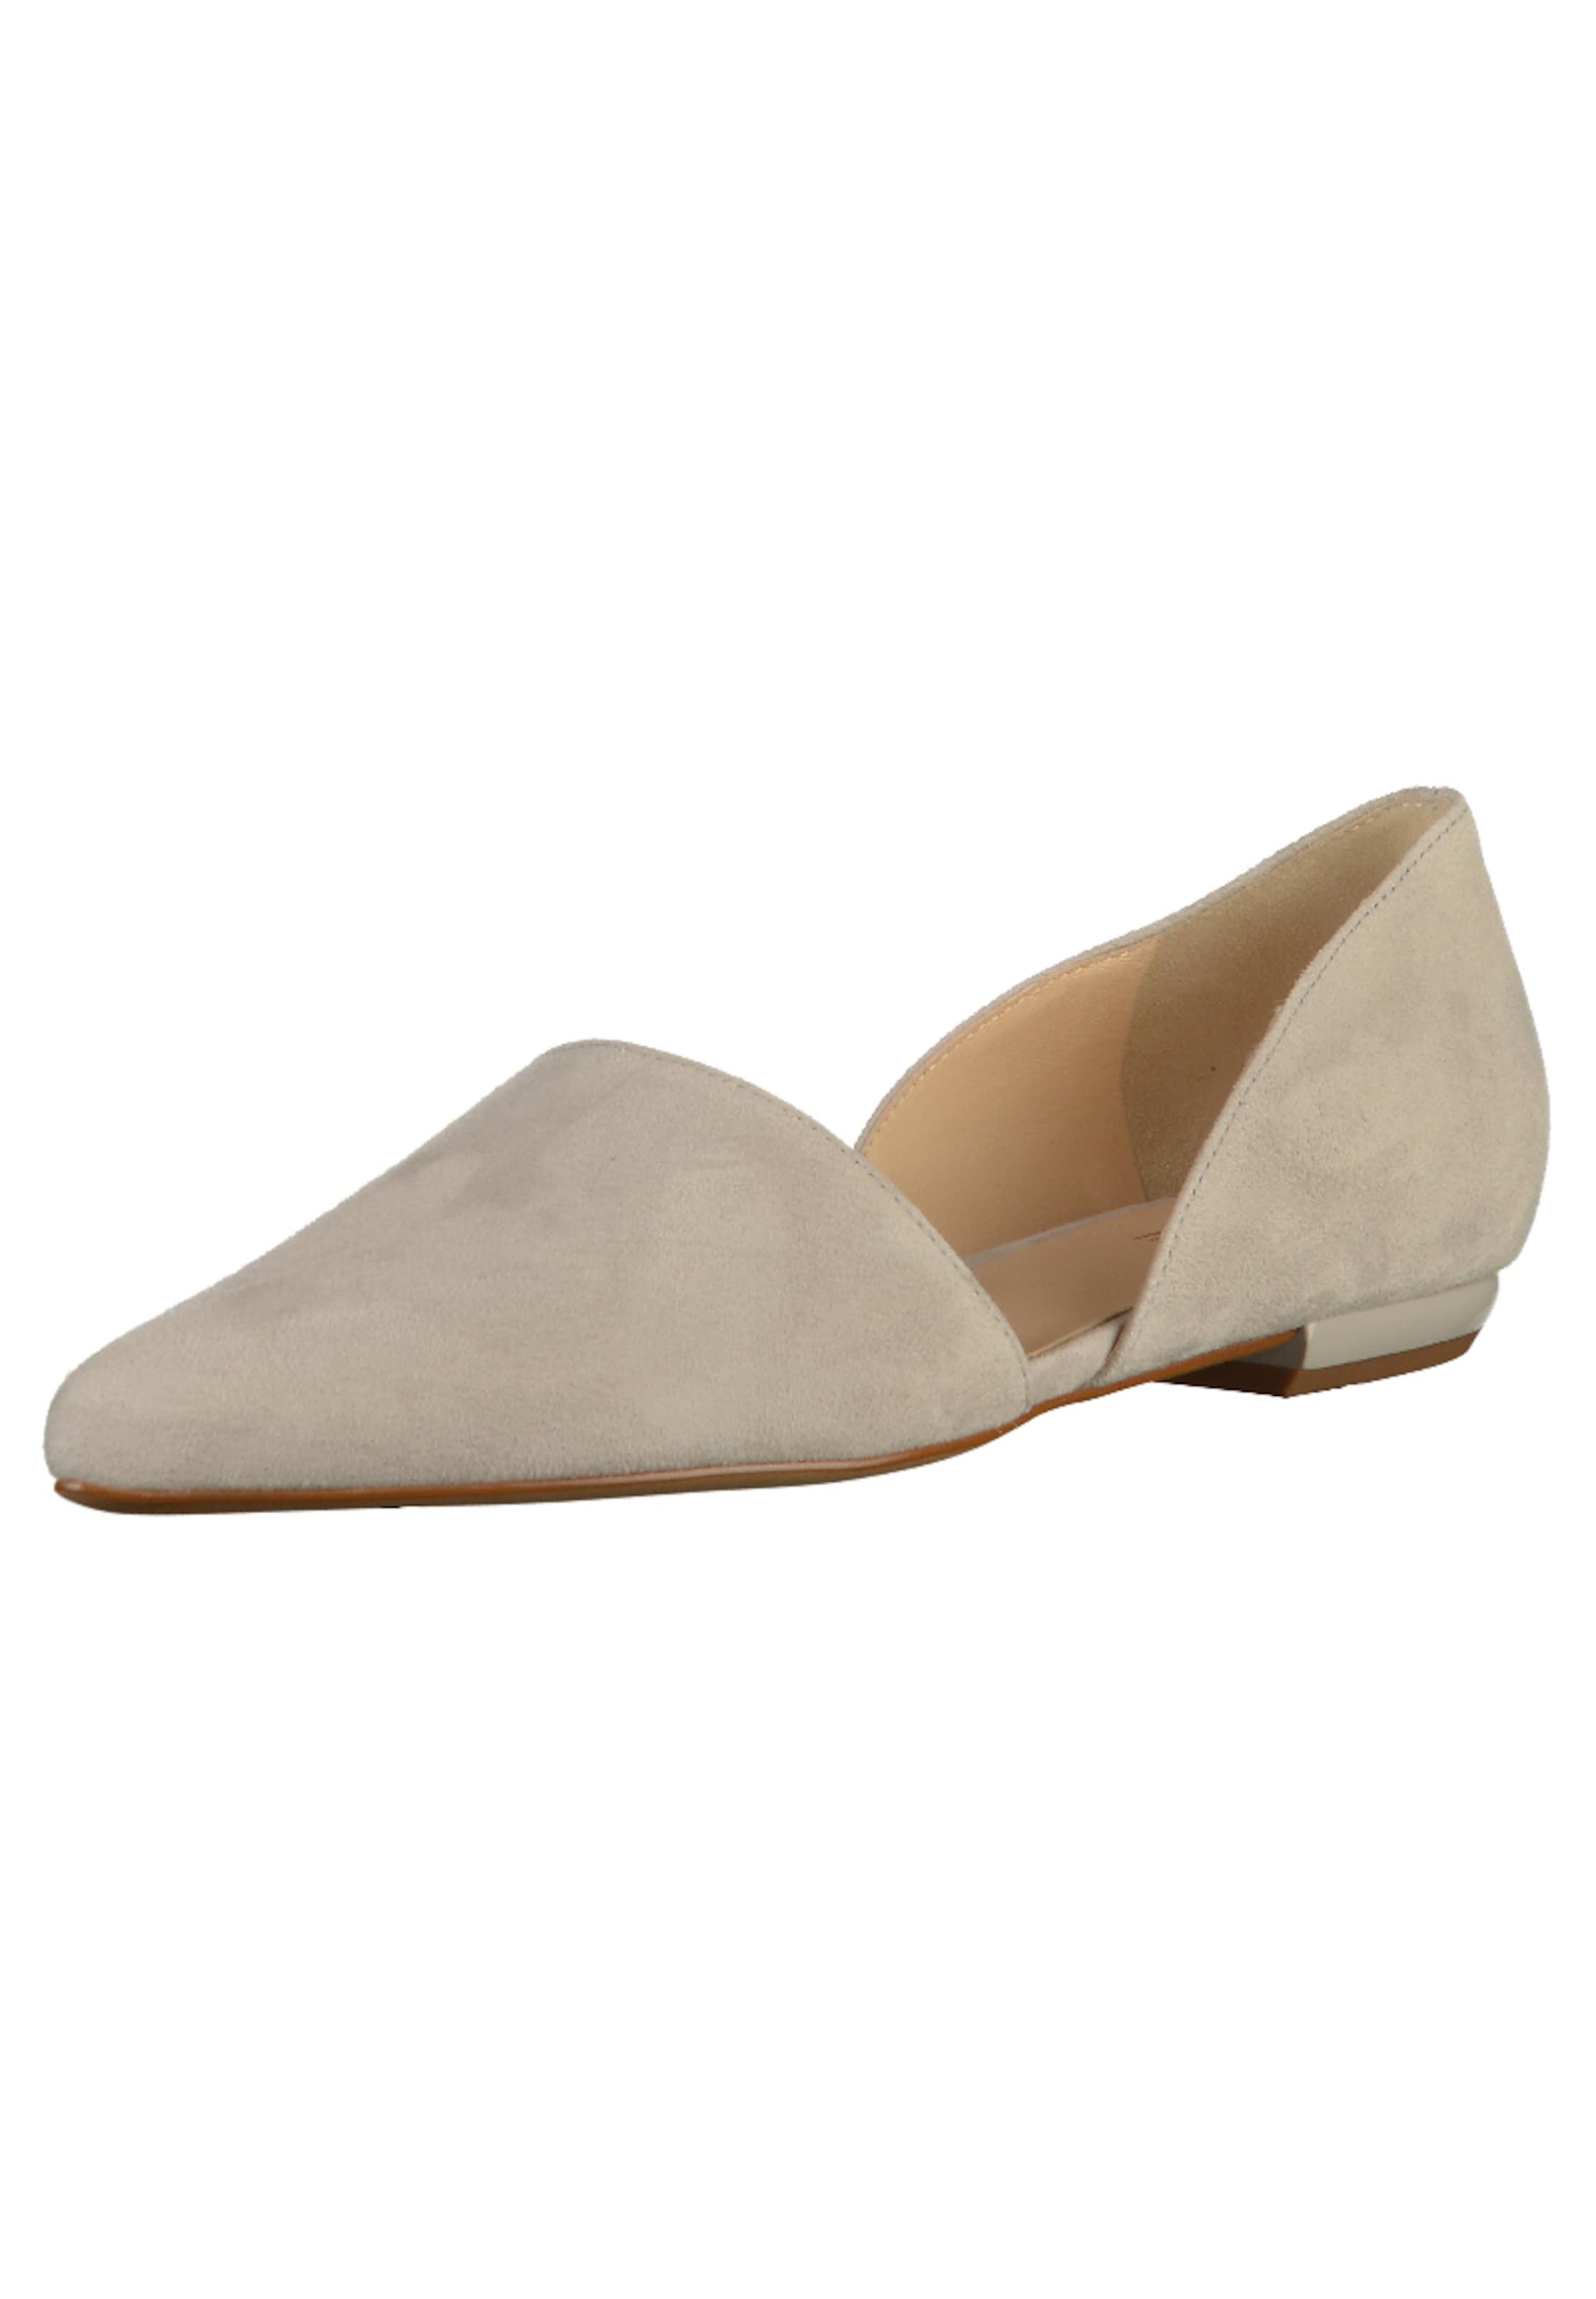 Högl Ballerina Verschleißfeste billige Schuhe Hohe Qualität